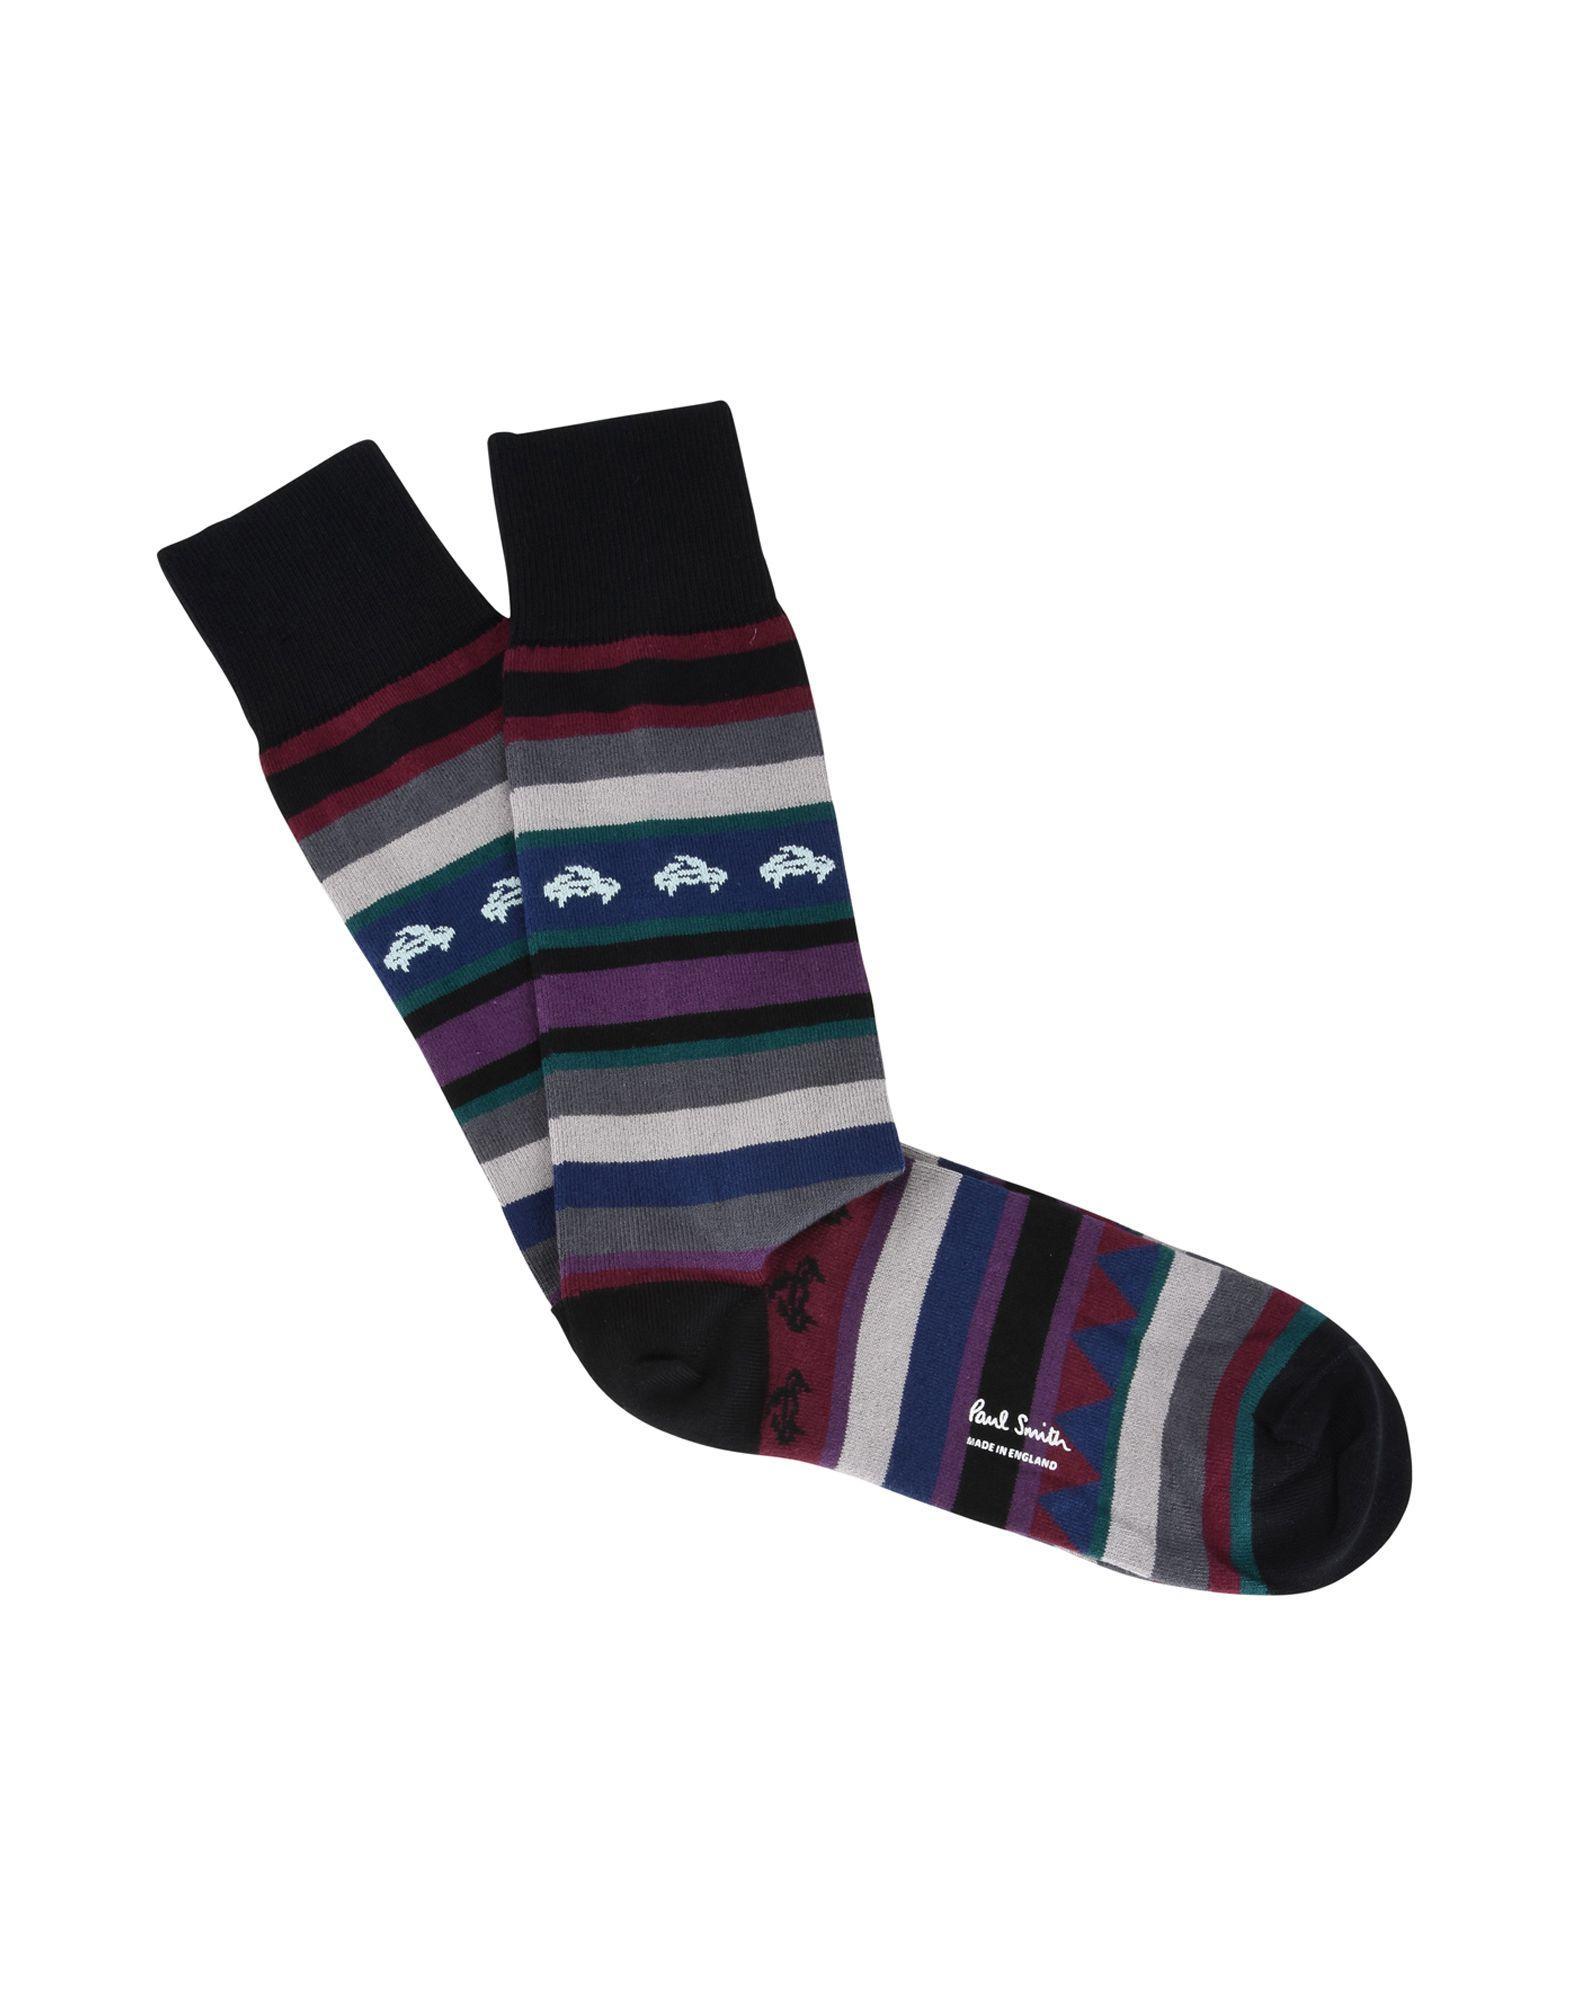 Paul Smith Short Socks In Black